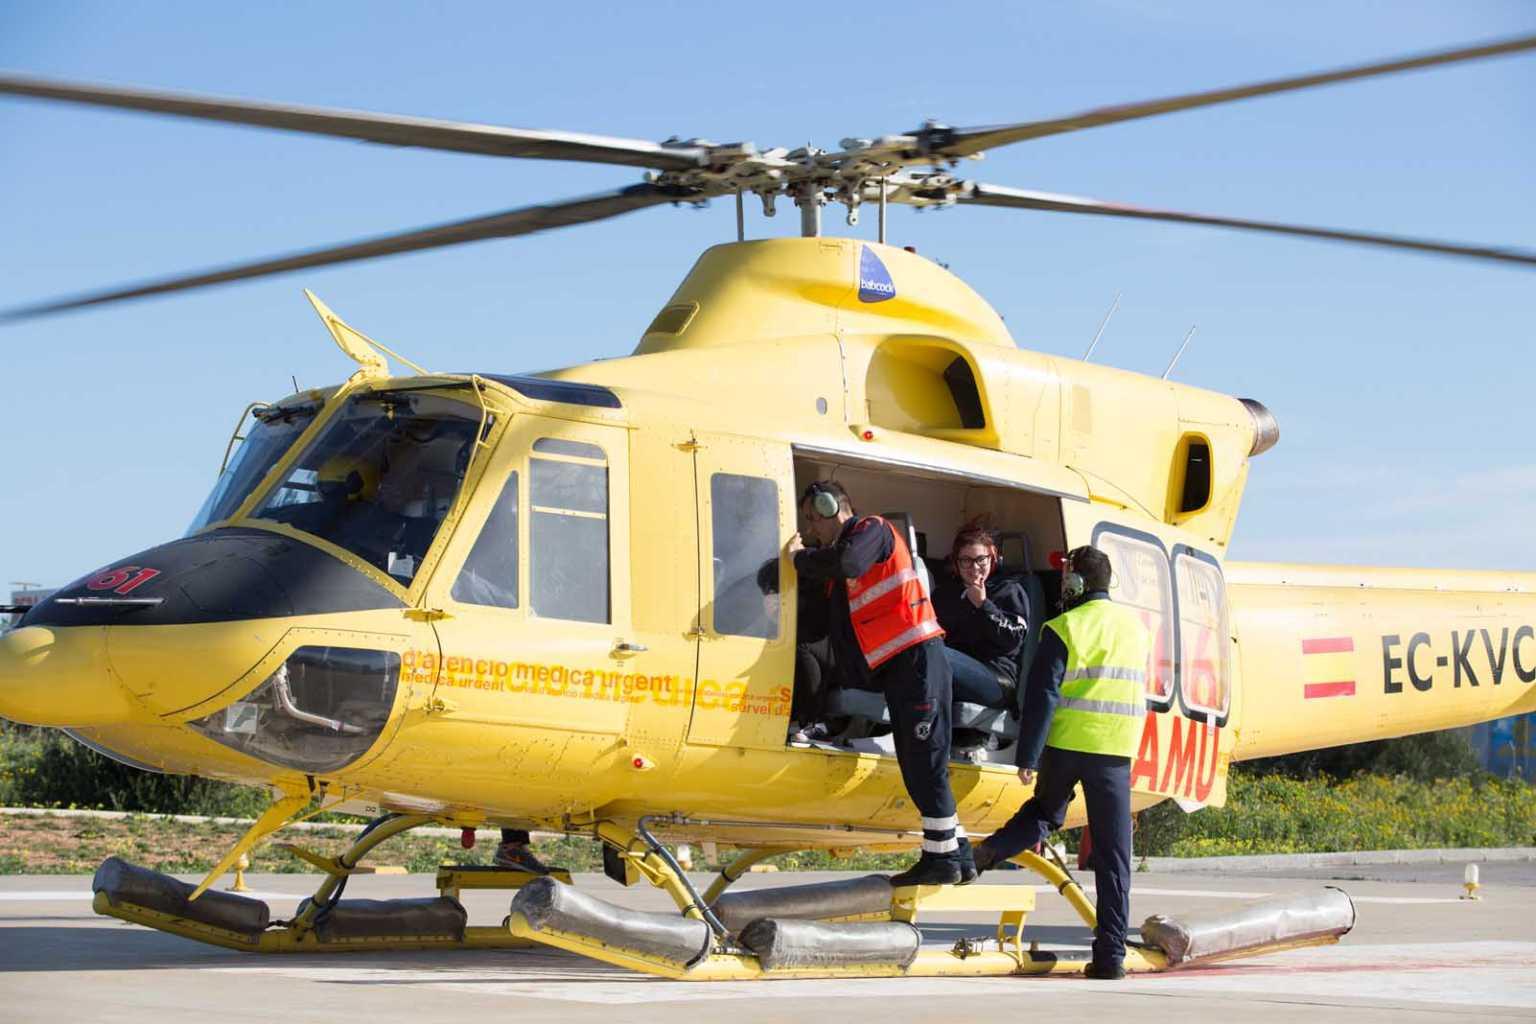 Helicóptero del 061 durante una visita de estudiantes. Vicent Marí